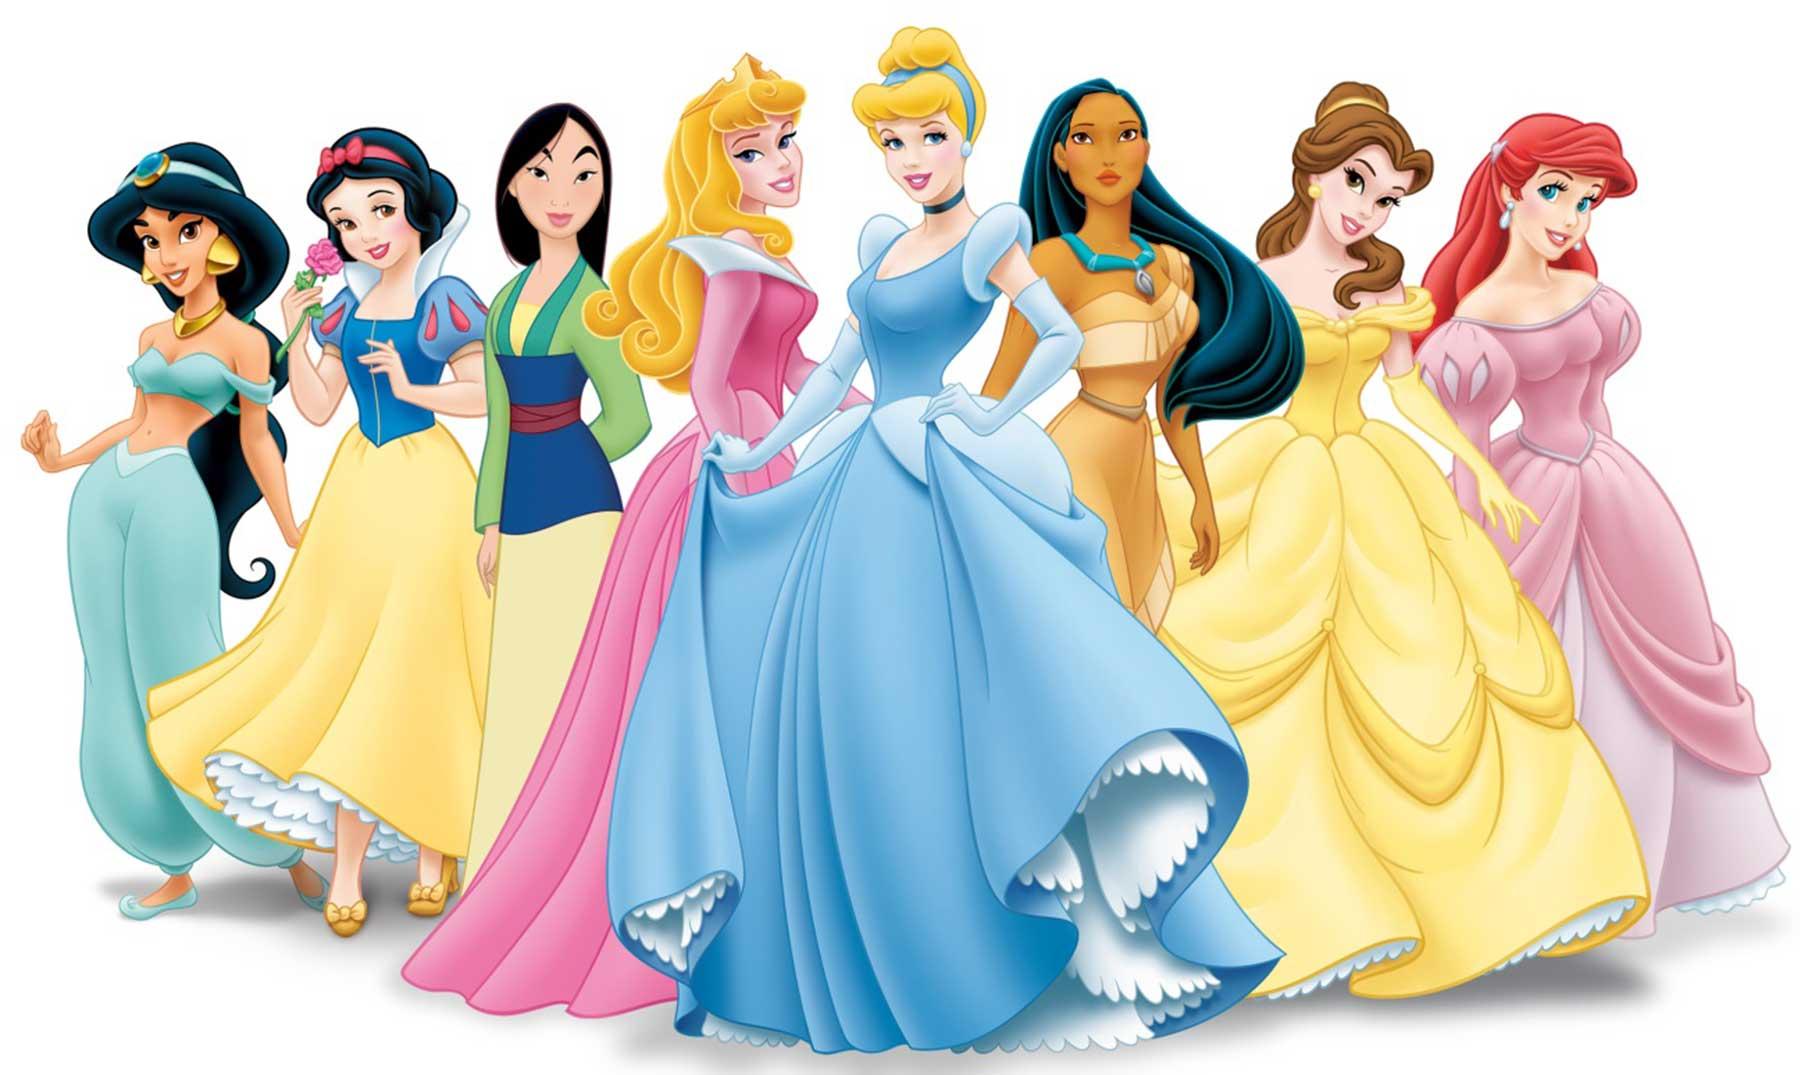 60 Frases De Princesas Citas Bellas Y Llenas De Fuerza Con